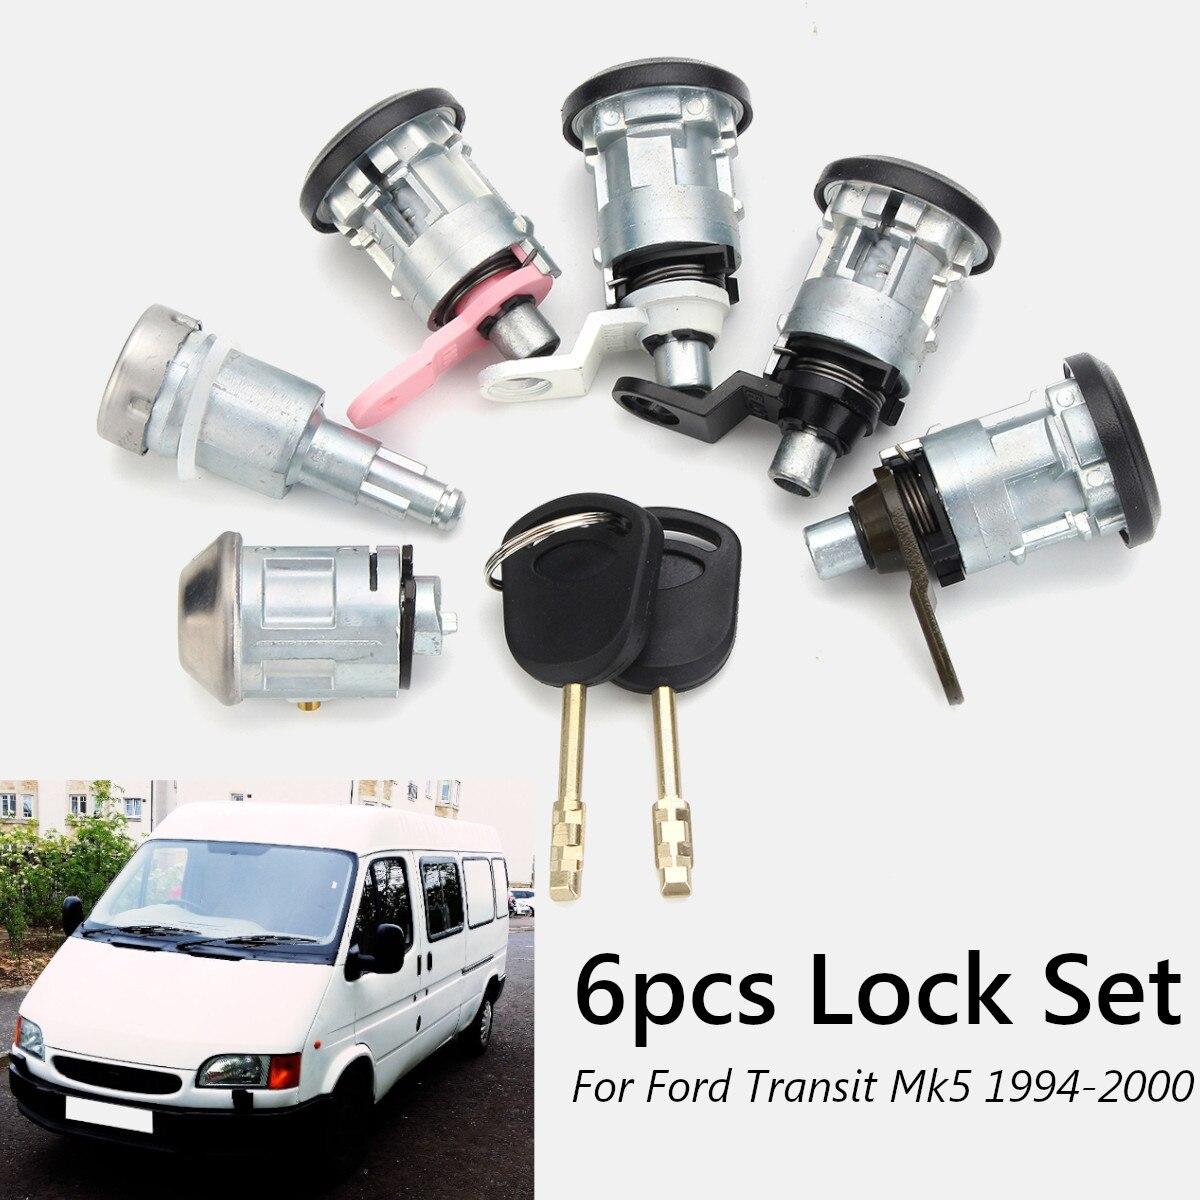 Juego completo de cerradura izquierda derecha 6 uds de encendido de puerta trasera delantera con 2 llaves para Ford Transit Mk5 1994-2000